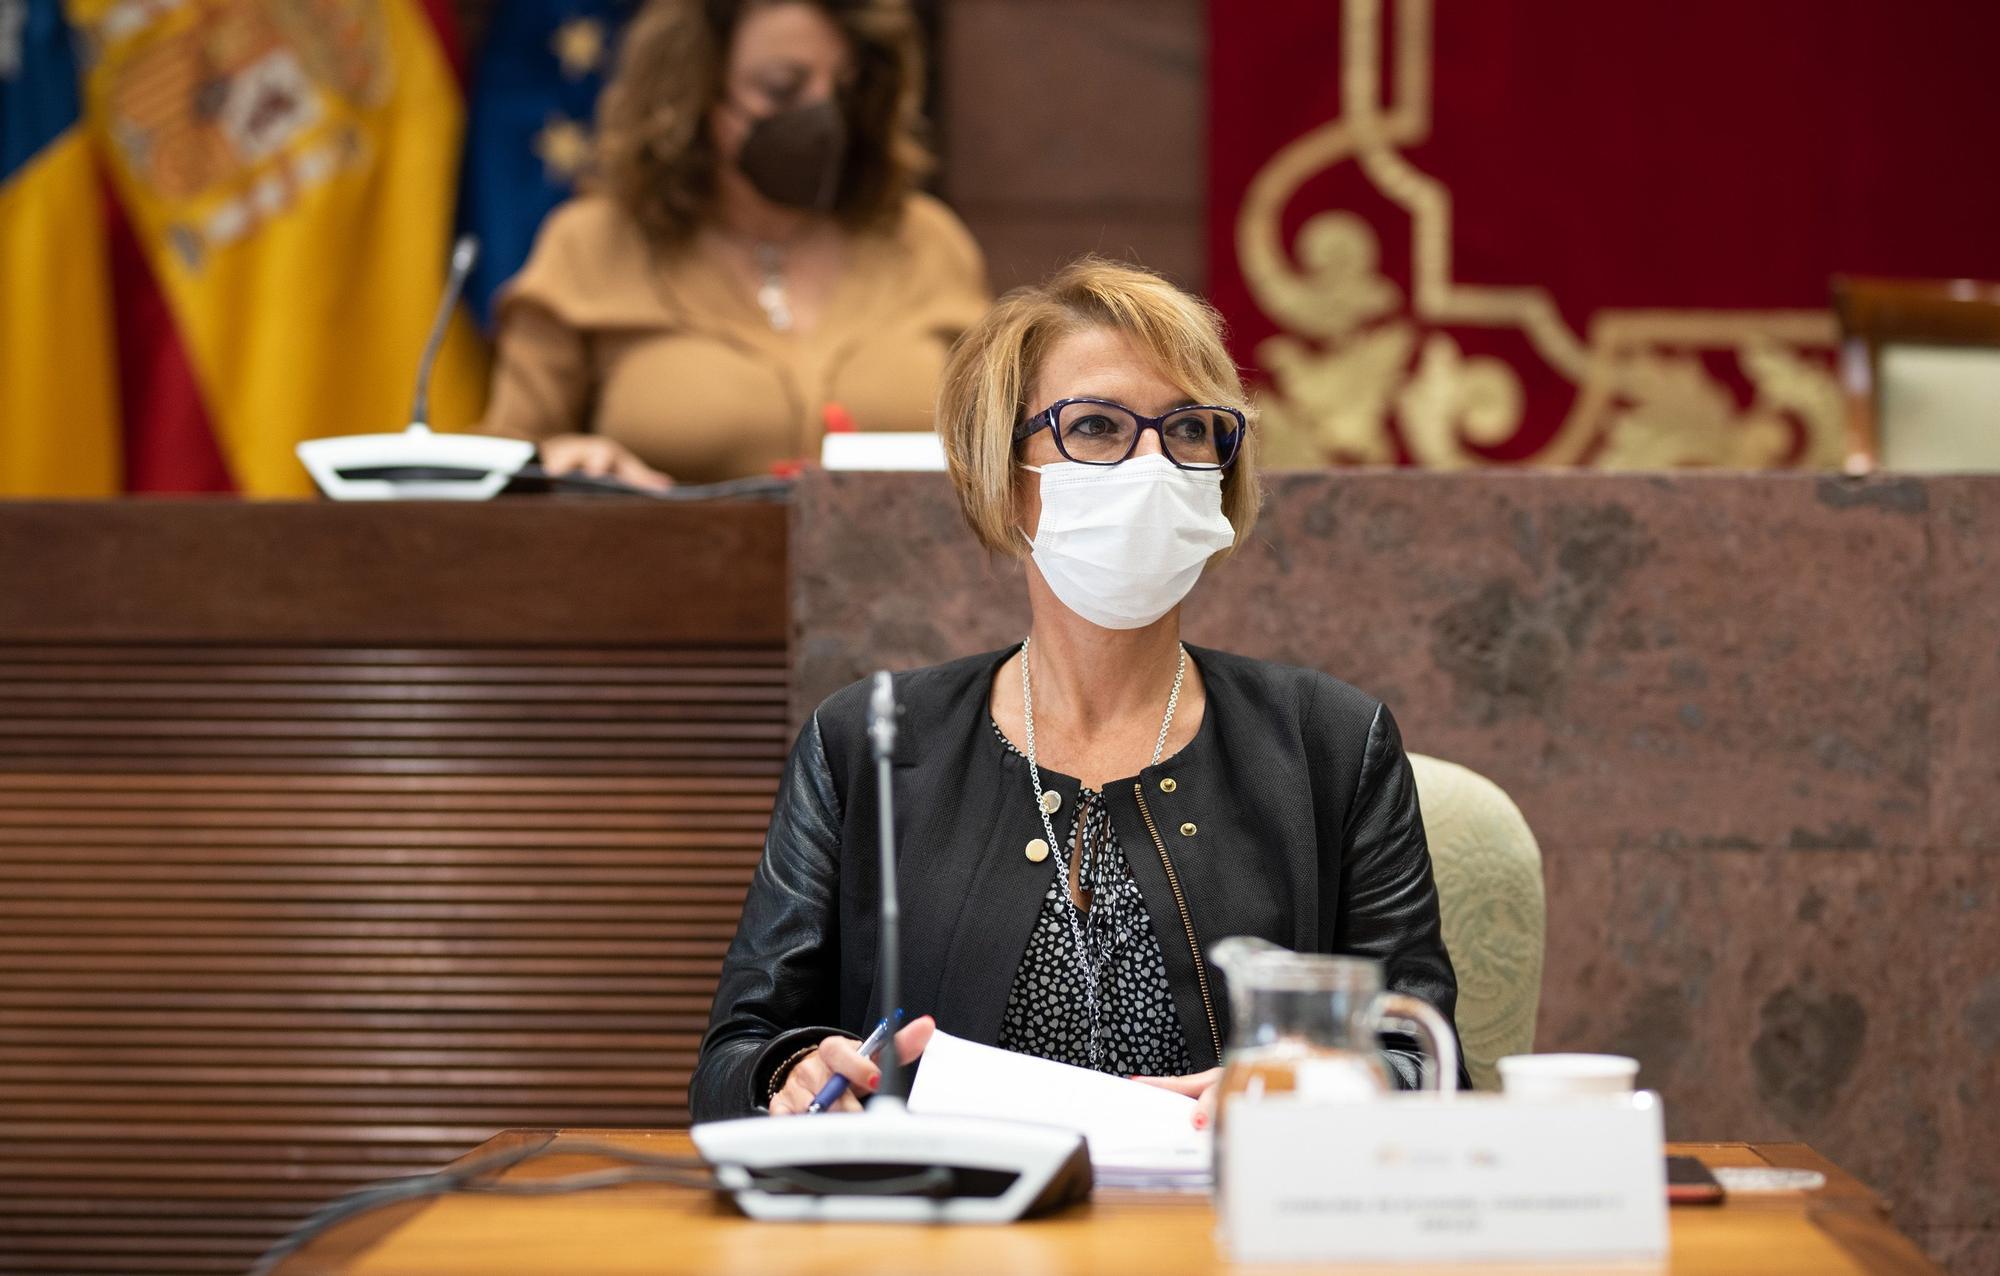 La consejera de Economía, Conocimiento y Empleo, Elena Máñez, comparece en comisión parlamentaria para hablar del plan de rescate a los sectores económicos ante el impacto de la covid-19.